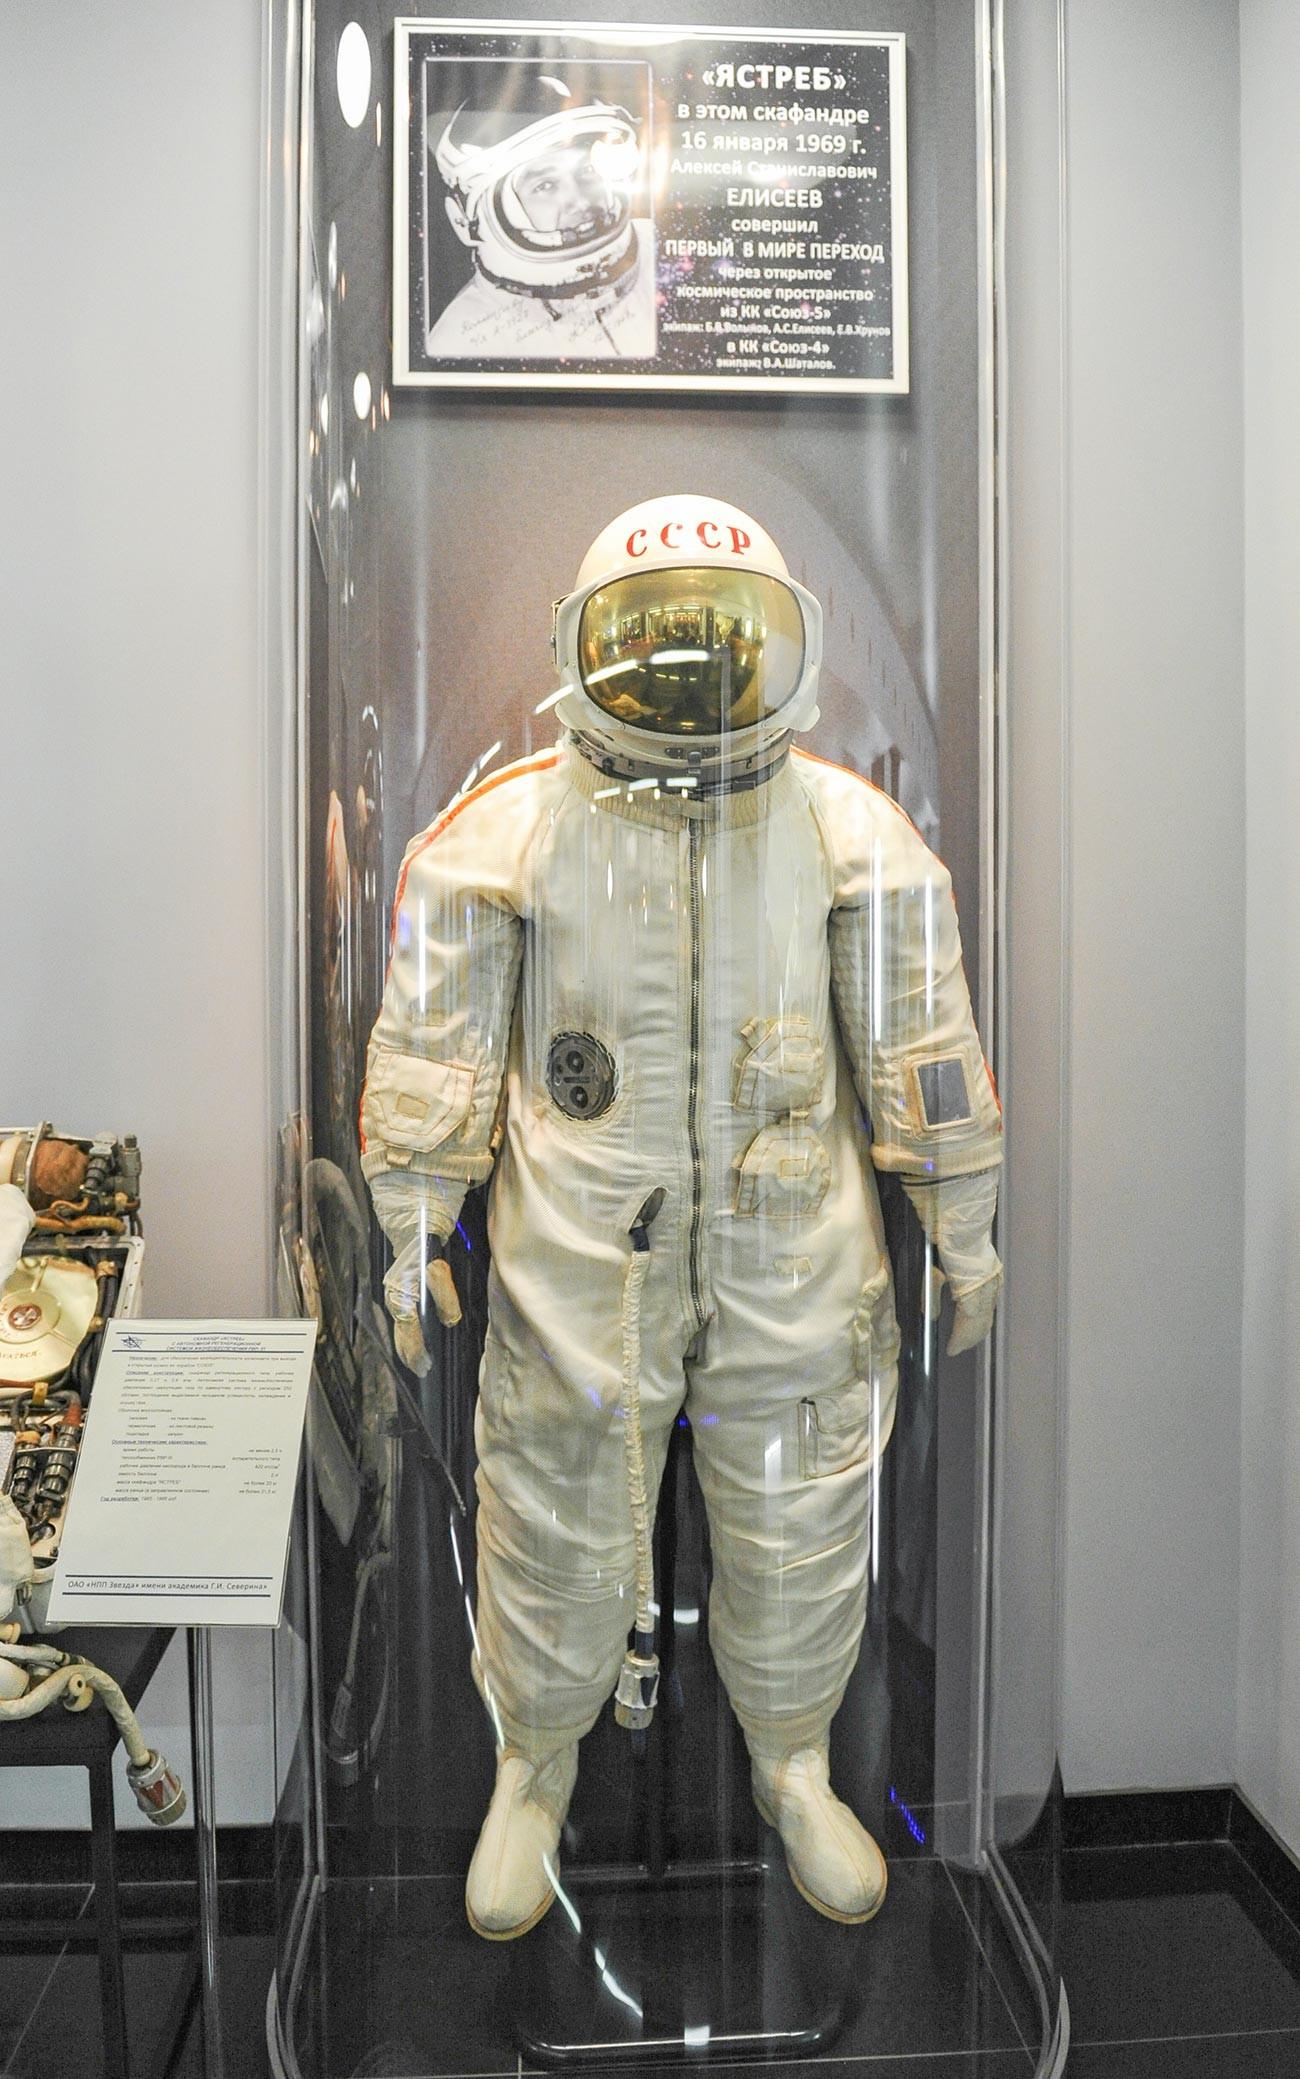 Yastreb spacesuit